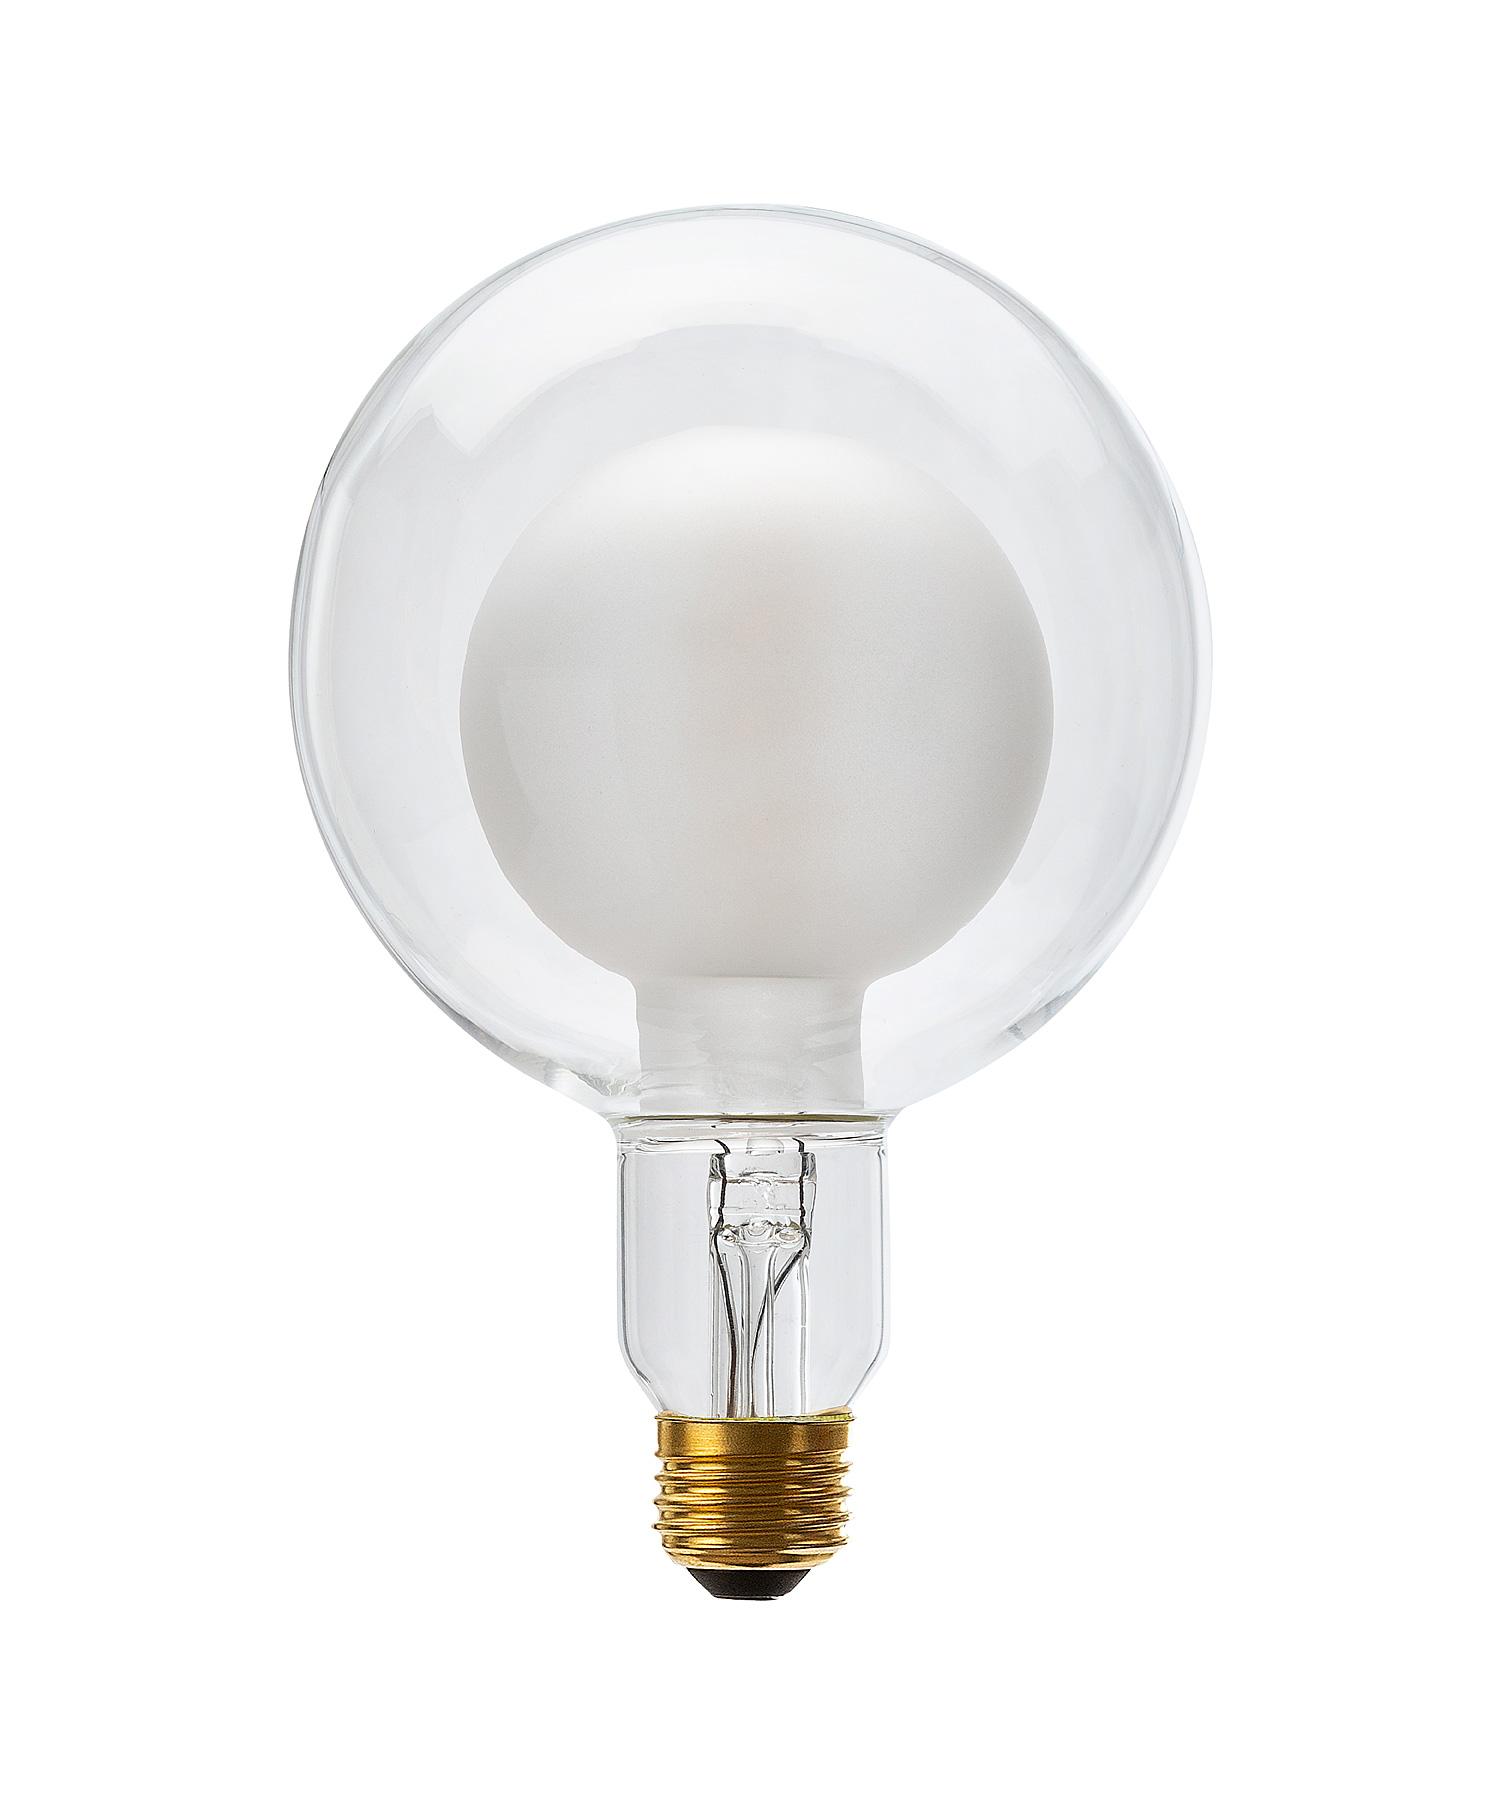 illuminazione piccoli lampadina